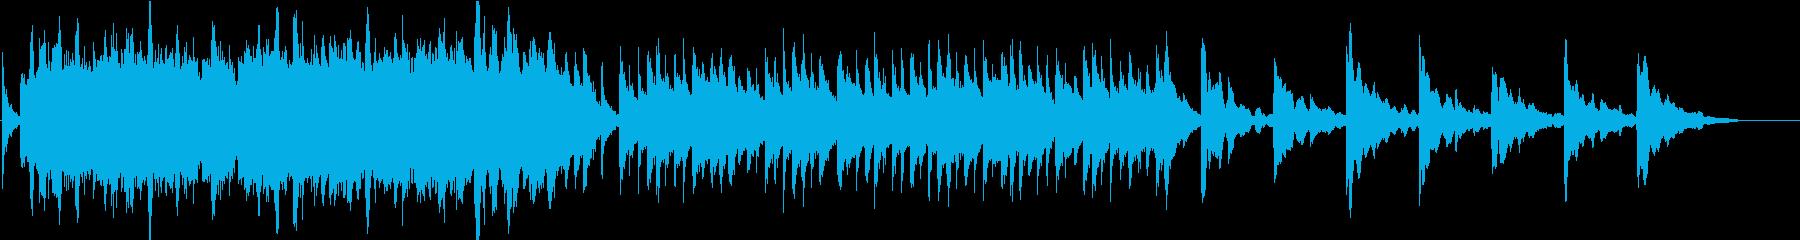 和風の優しく切ない曲ですの再生済みの波形